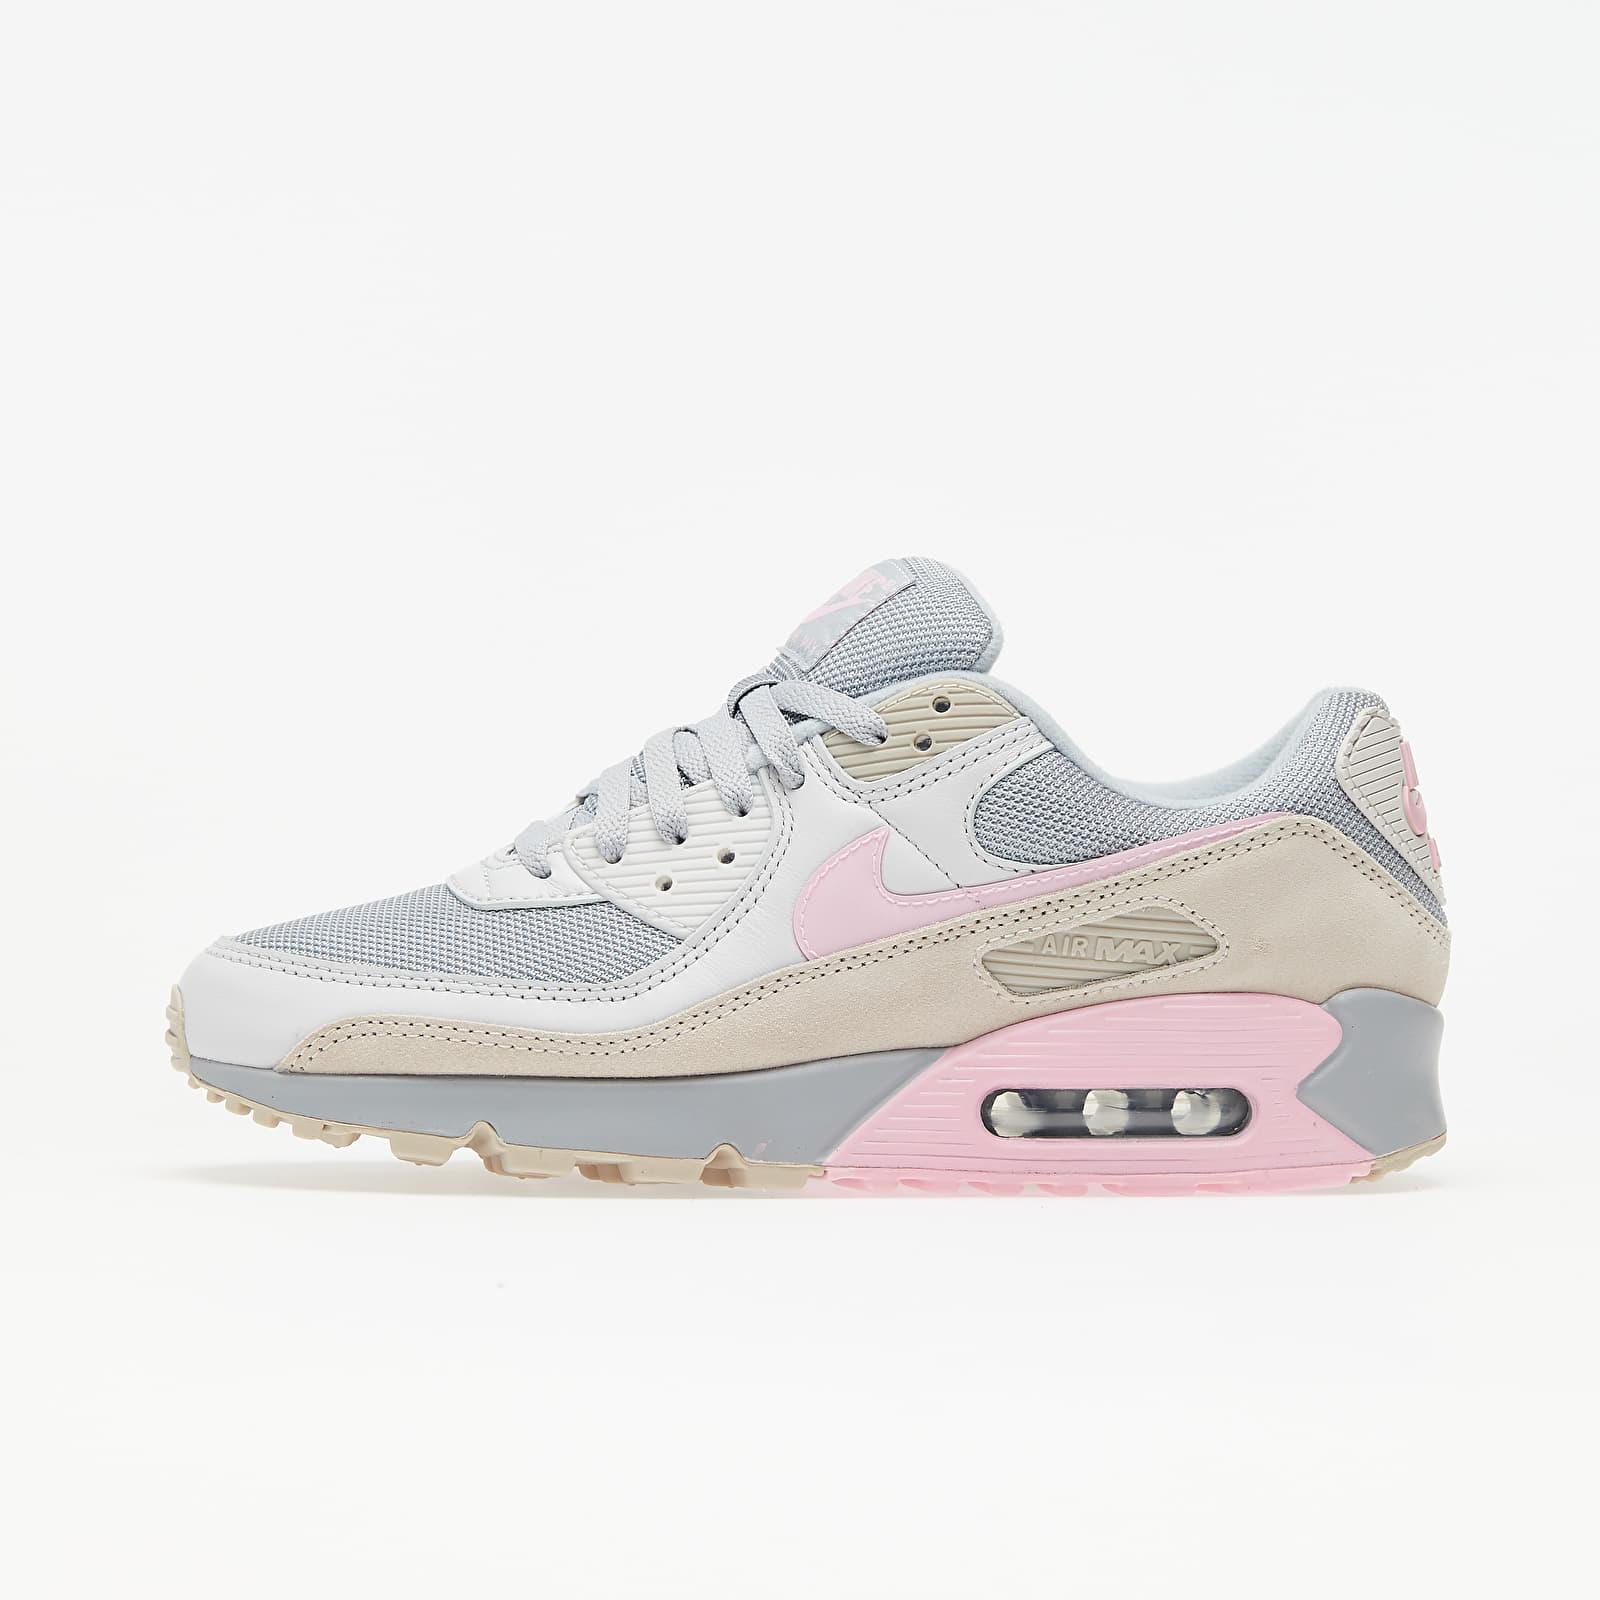 Nike Air Max 90 Vast Grey/ Pink-Wolf Grey-String EUR 40